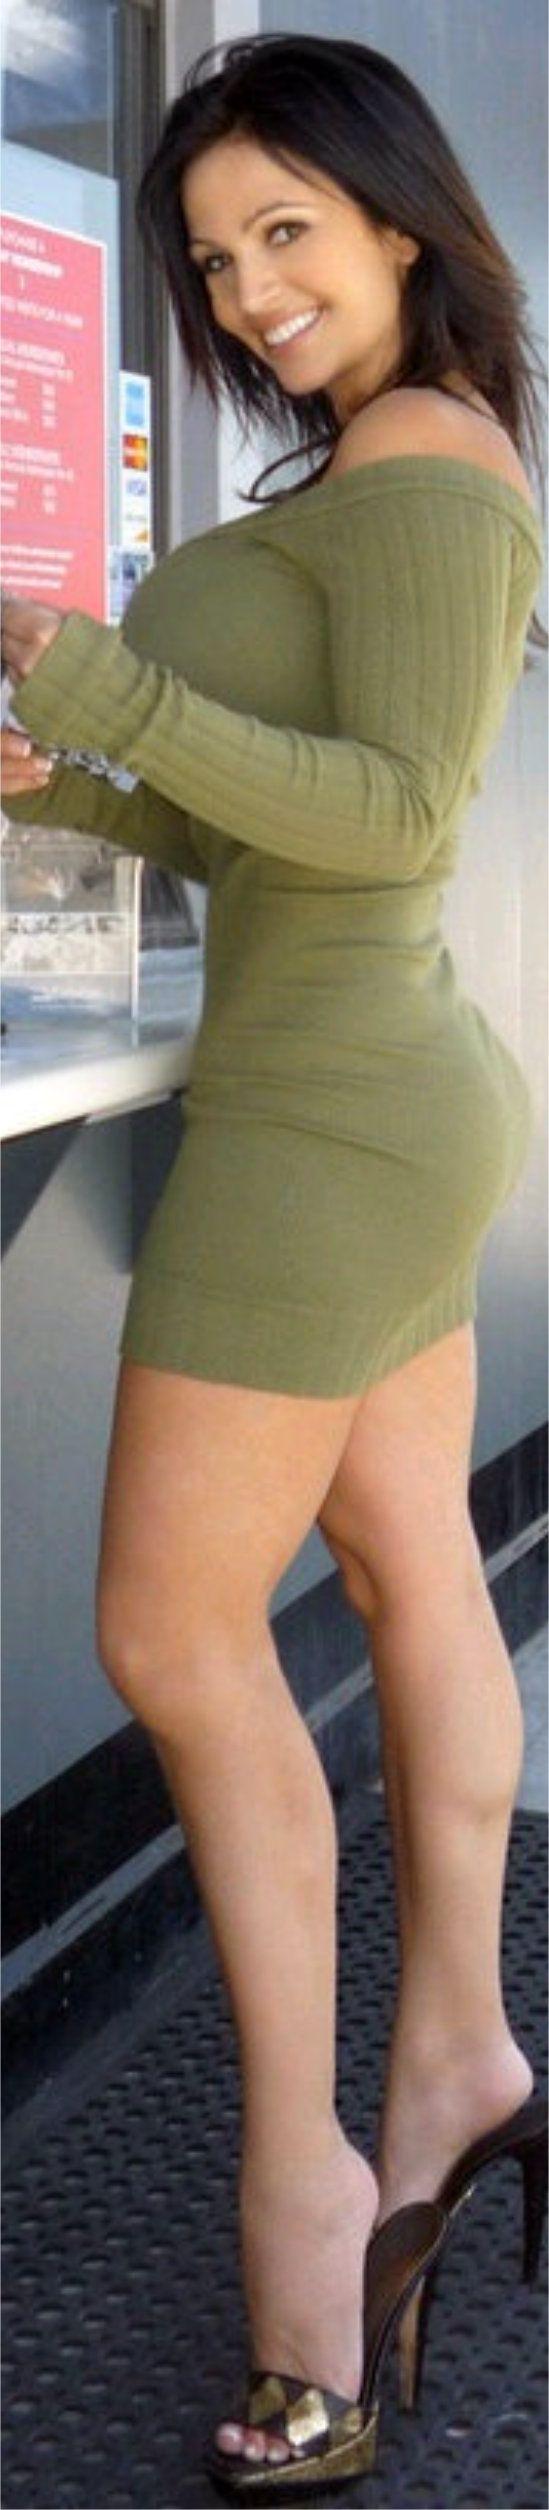 Pinterest hot girls tight dress